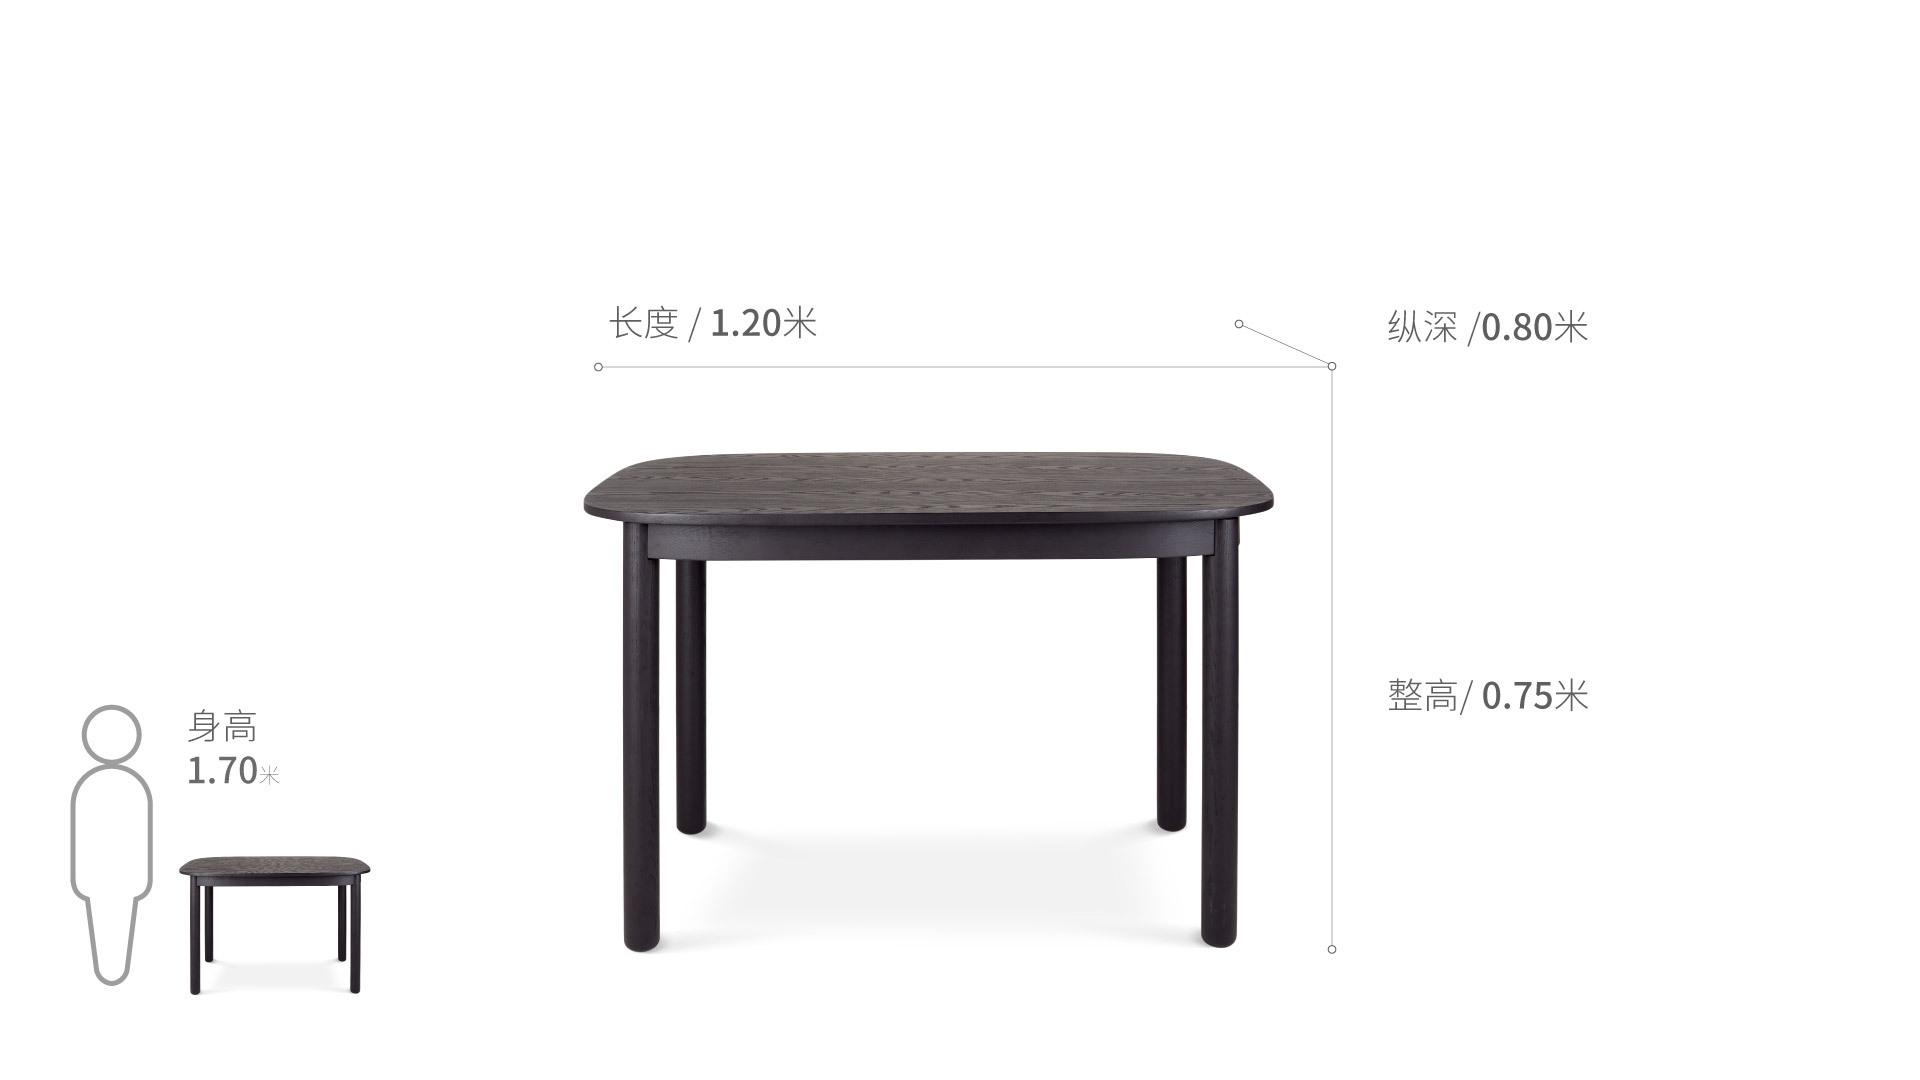 瓦雀长桌® 1.2/1.6/1.9米1.2米桌几效果图